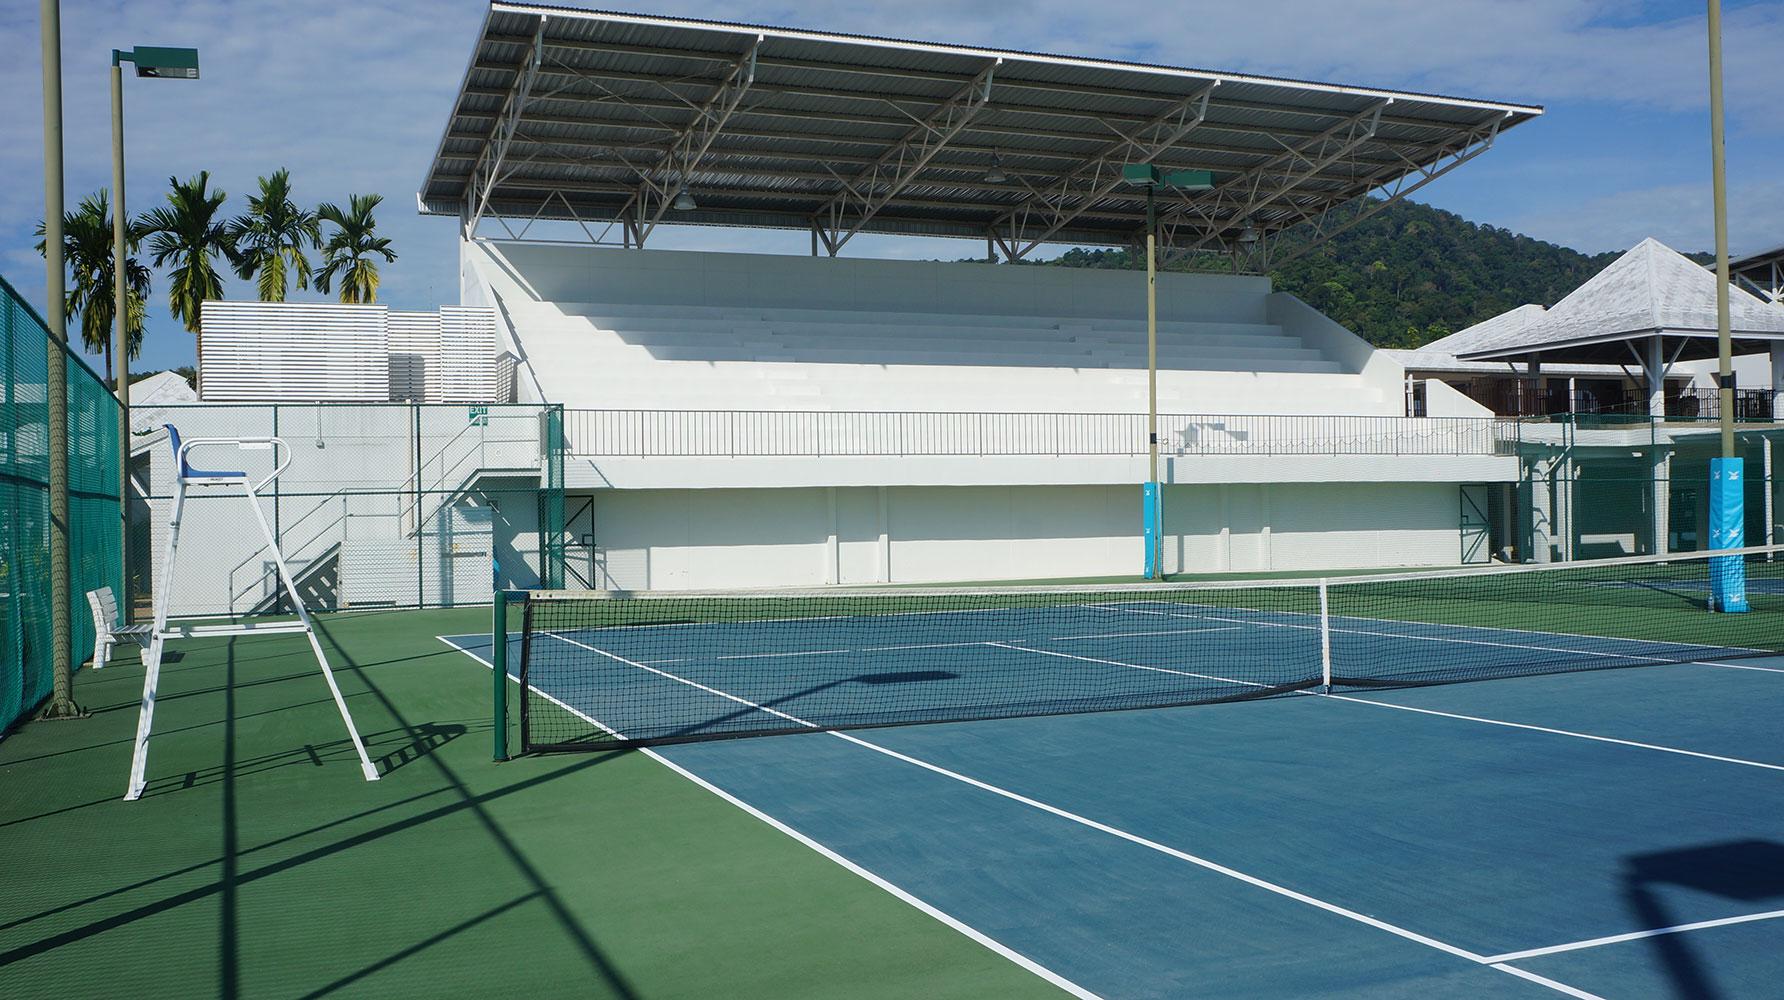 Tennis court filming location in Thailand